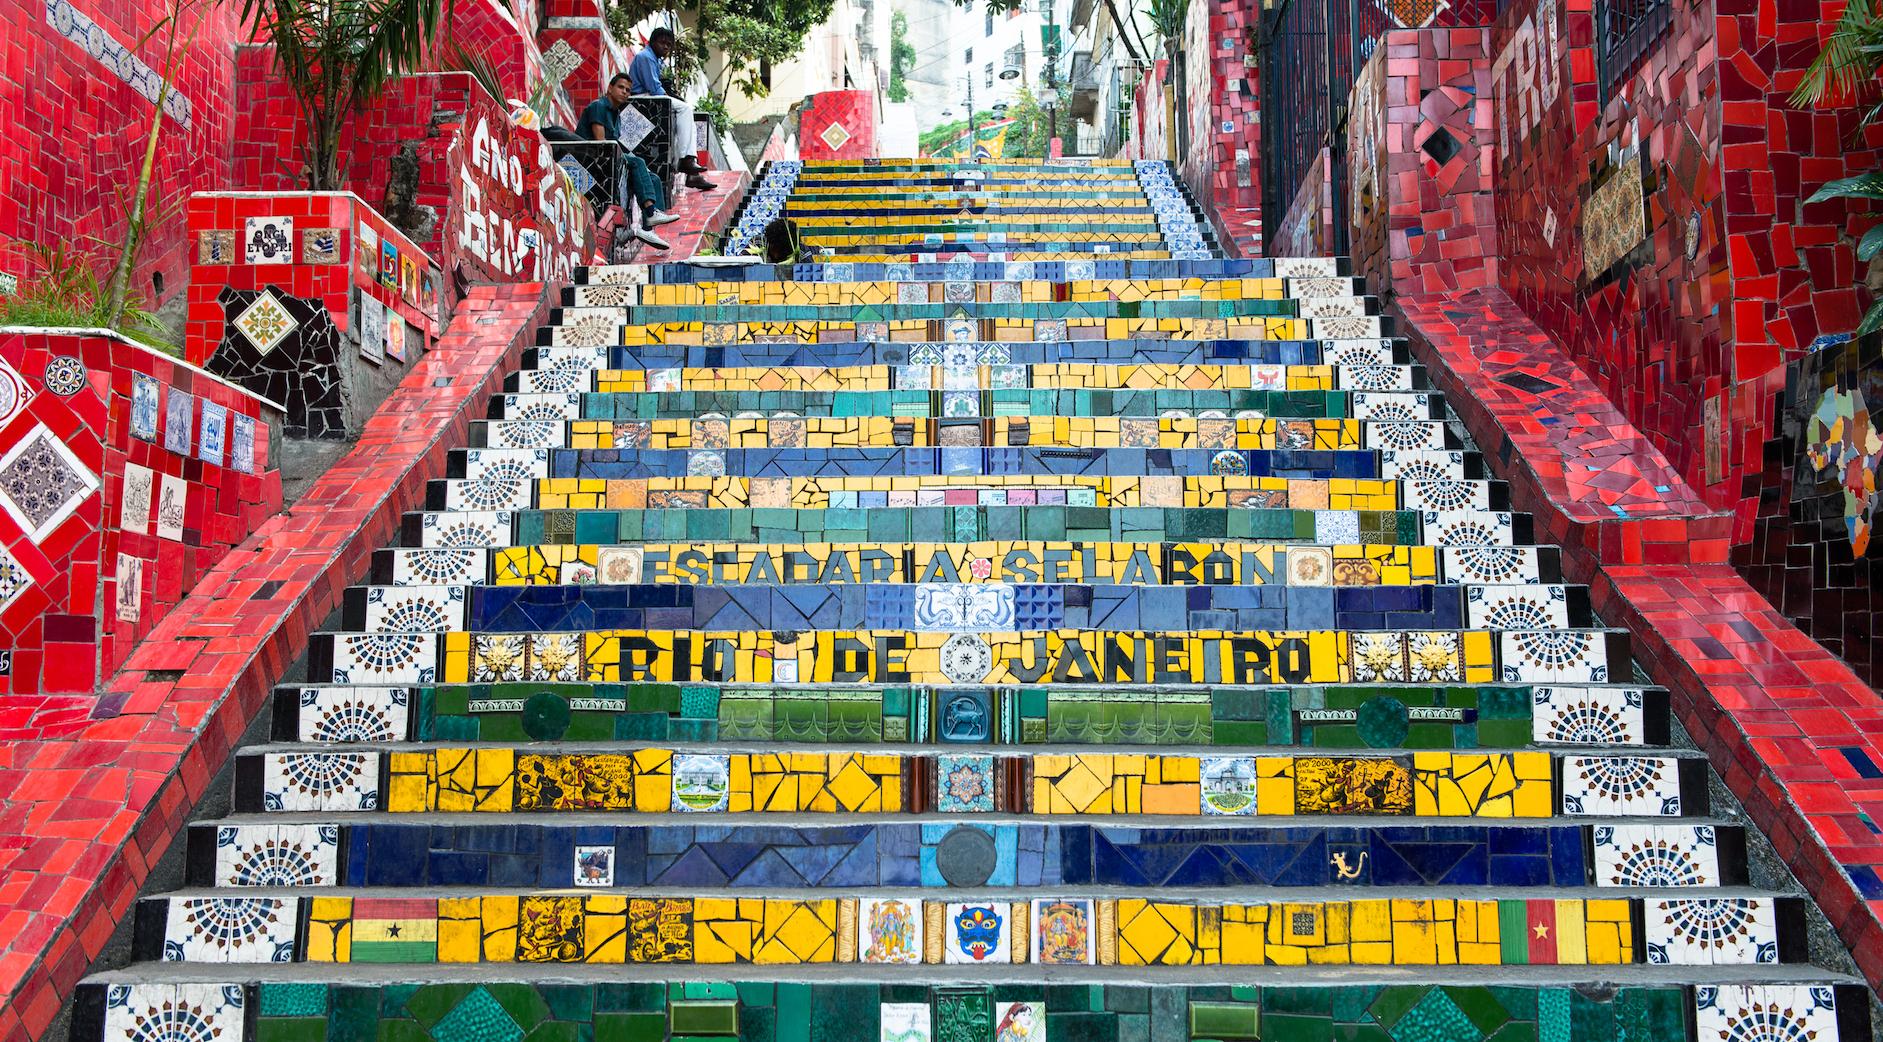 El color está presente en la cotidianeidad de Río de Janeiro. Son famosas las 'Escaleras de Selaron', que unen Lapa con Santa Teresa.